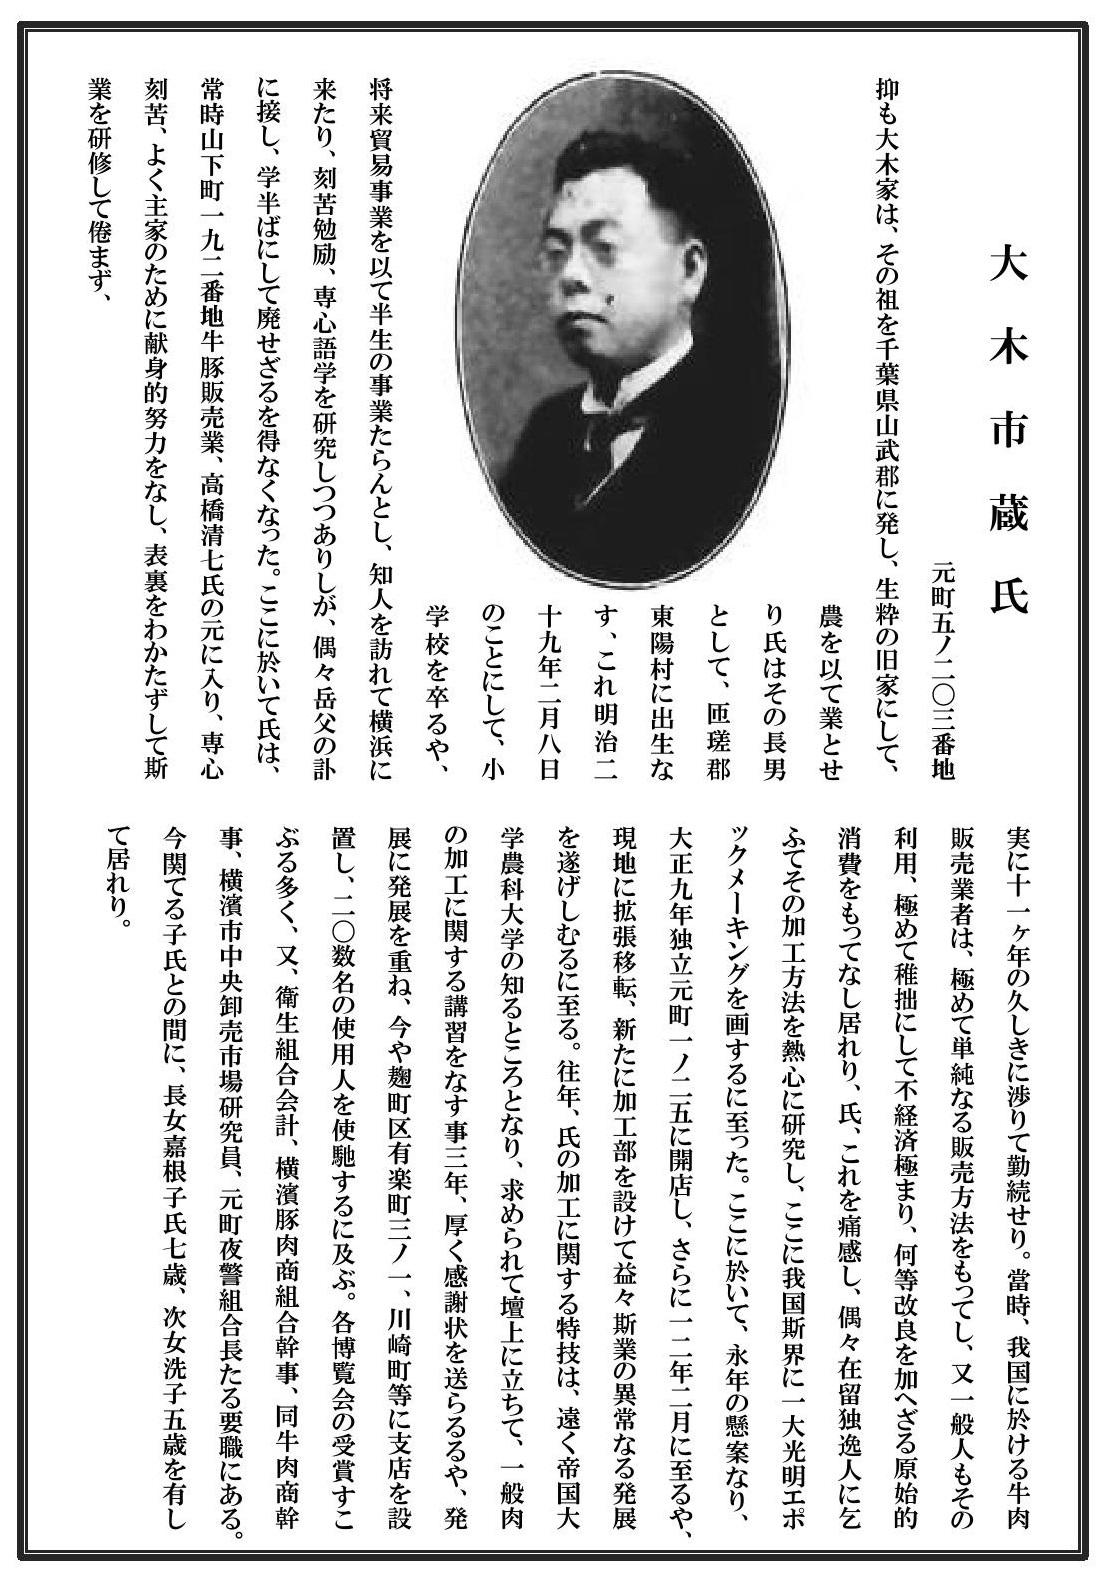 kanagawashinshiroku